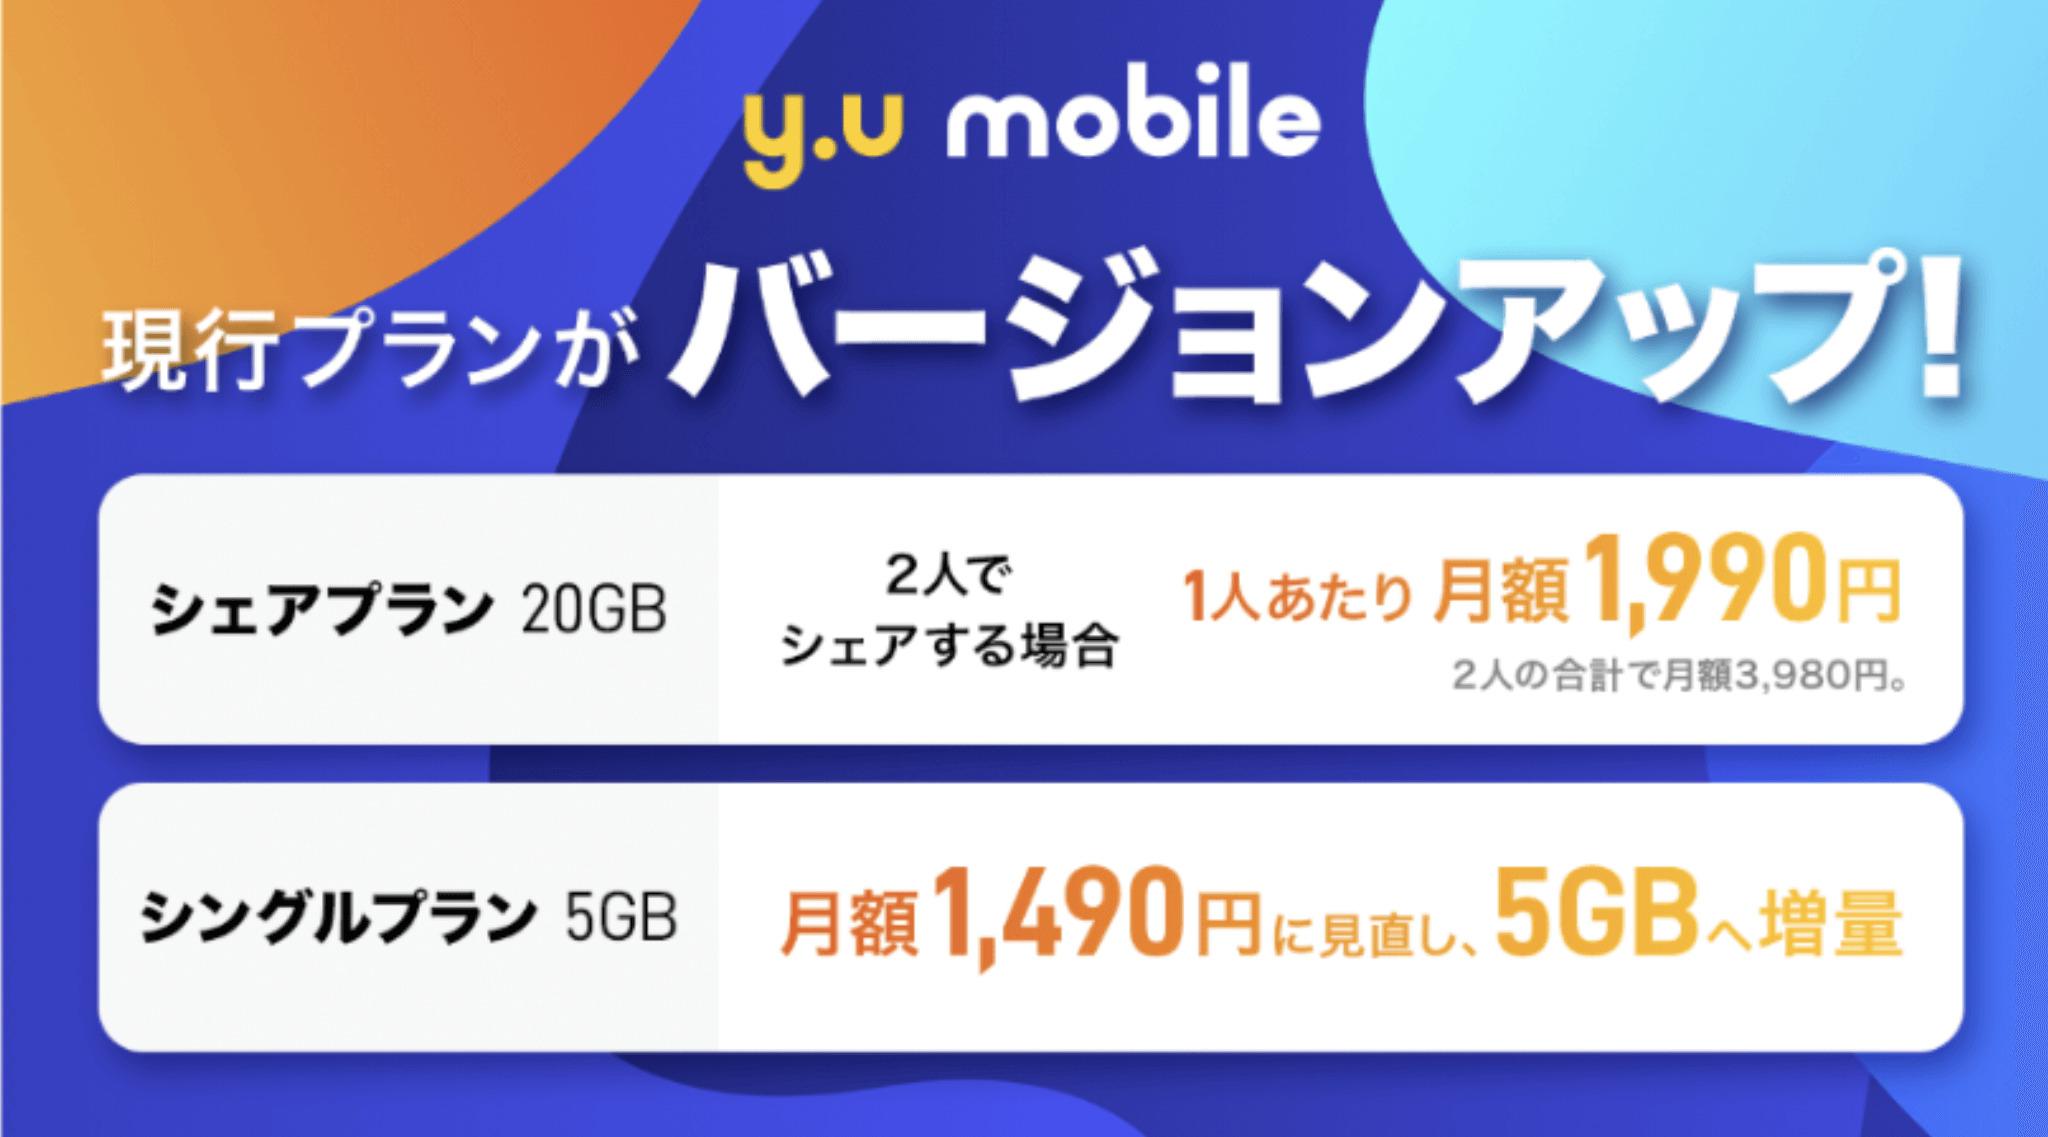 y.u mobile新料金プラン